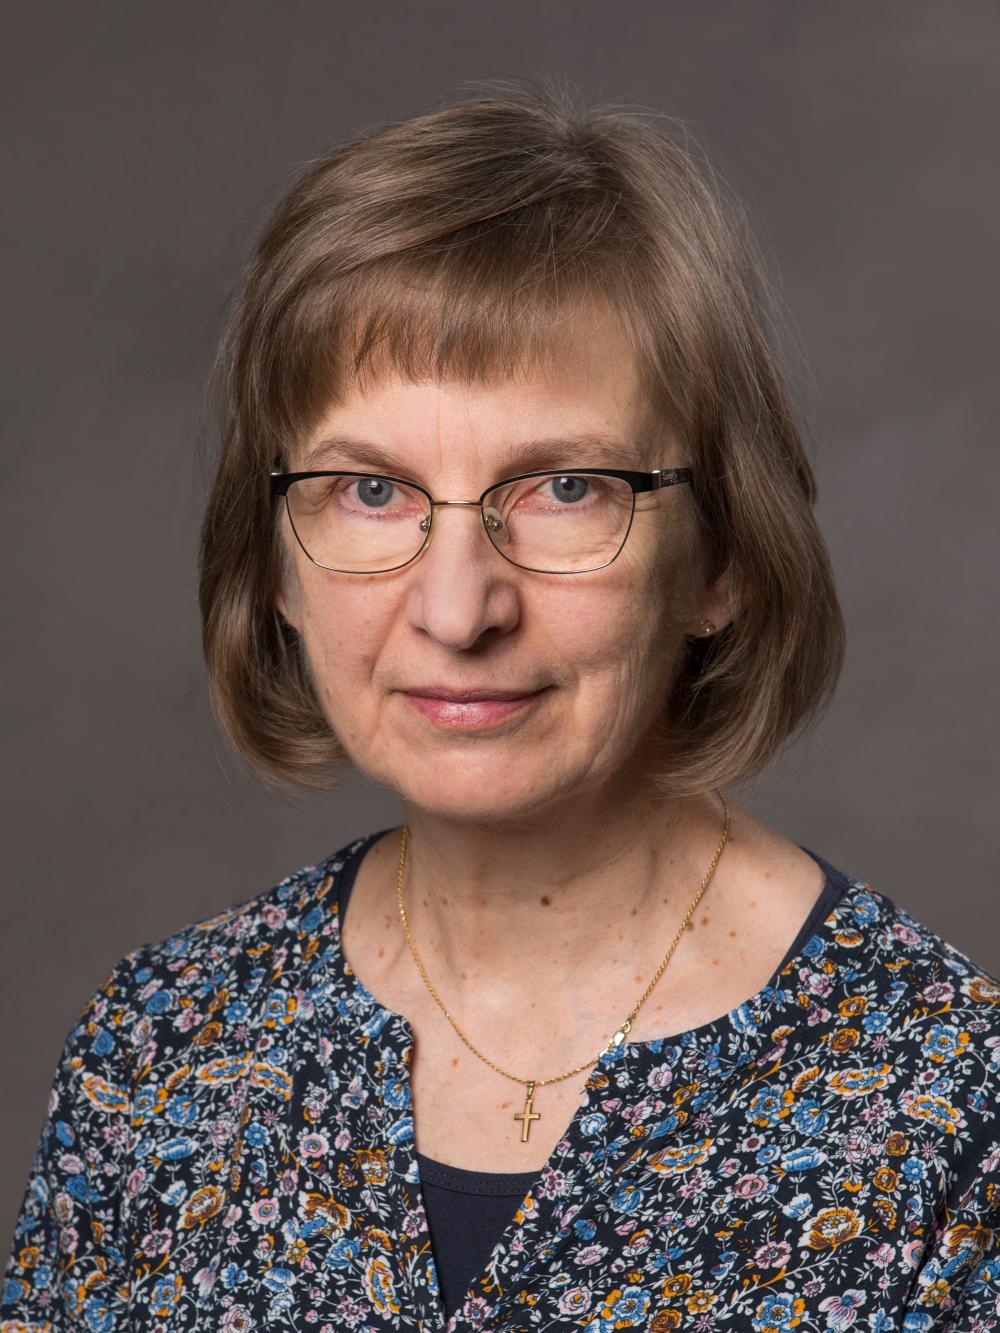 Anna-Maija Korhonen